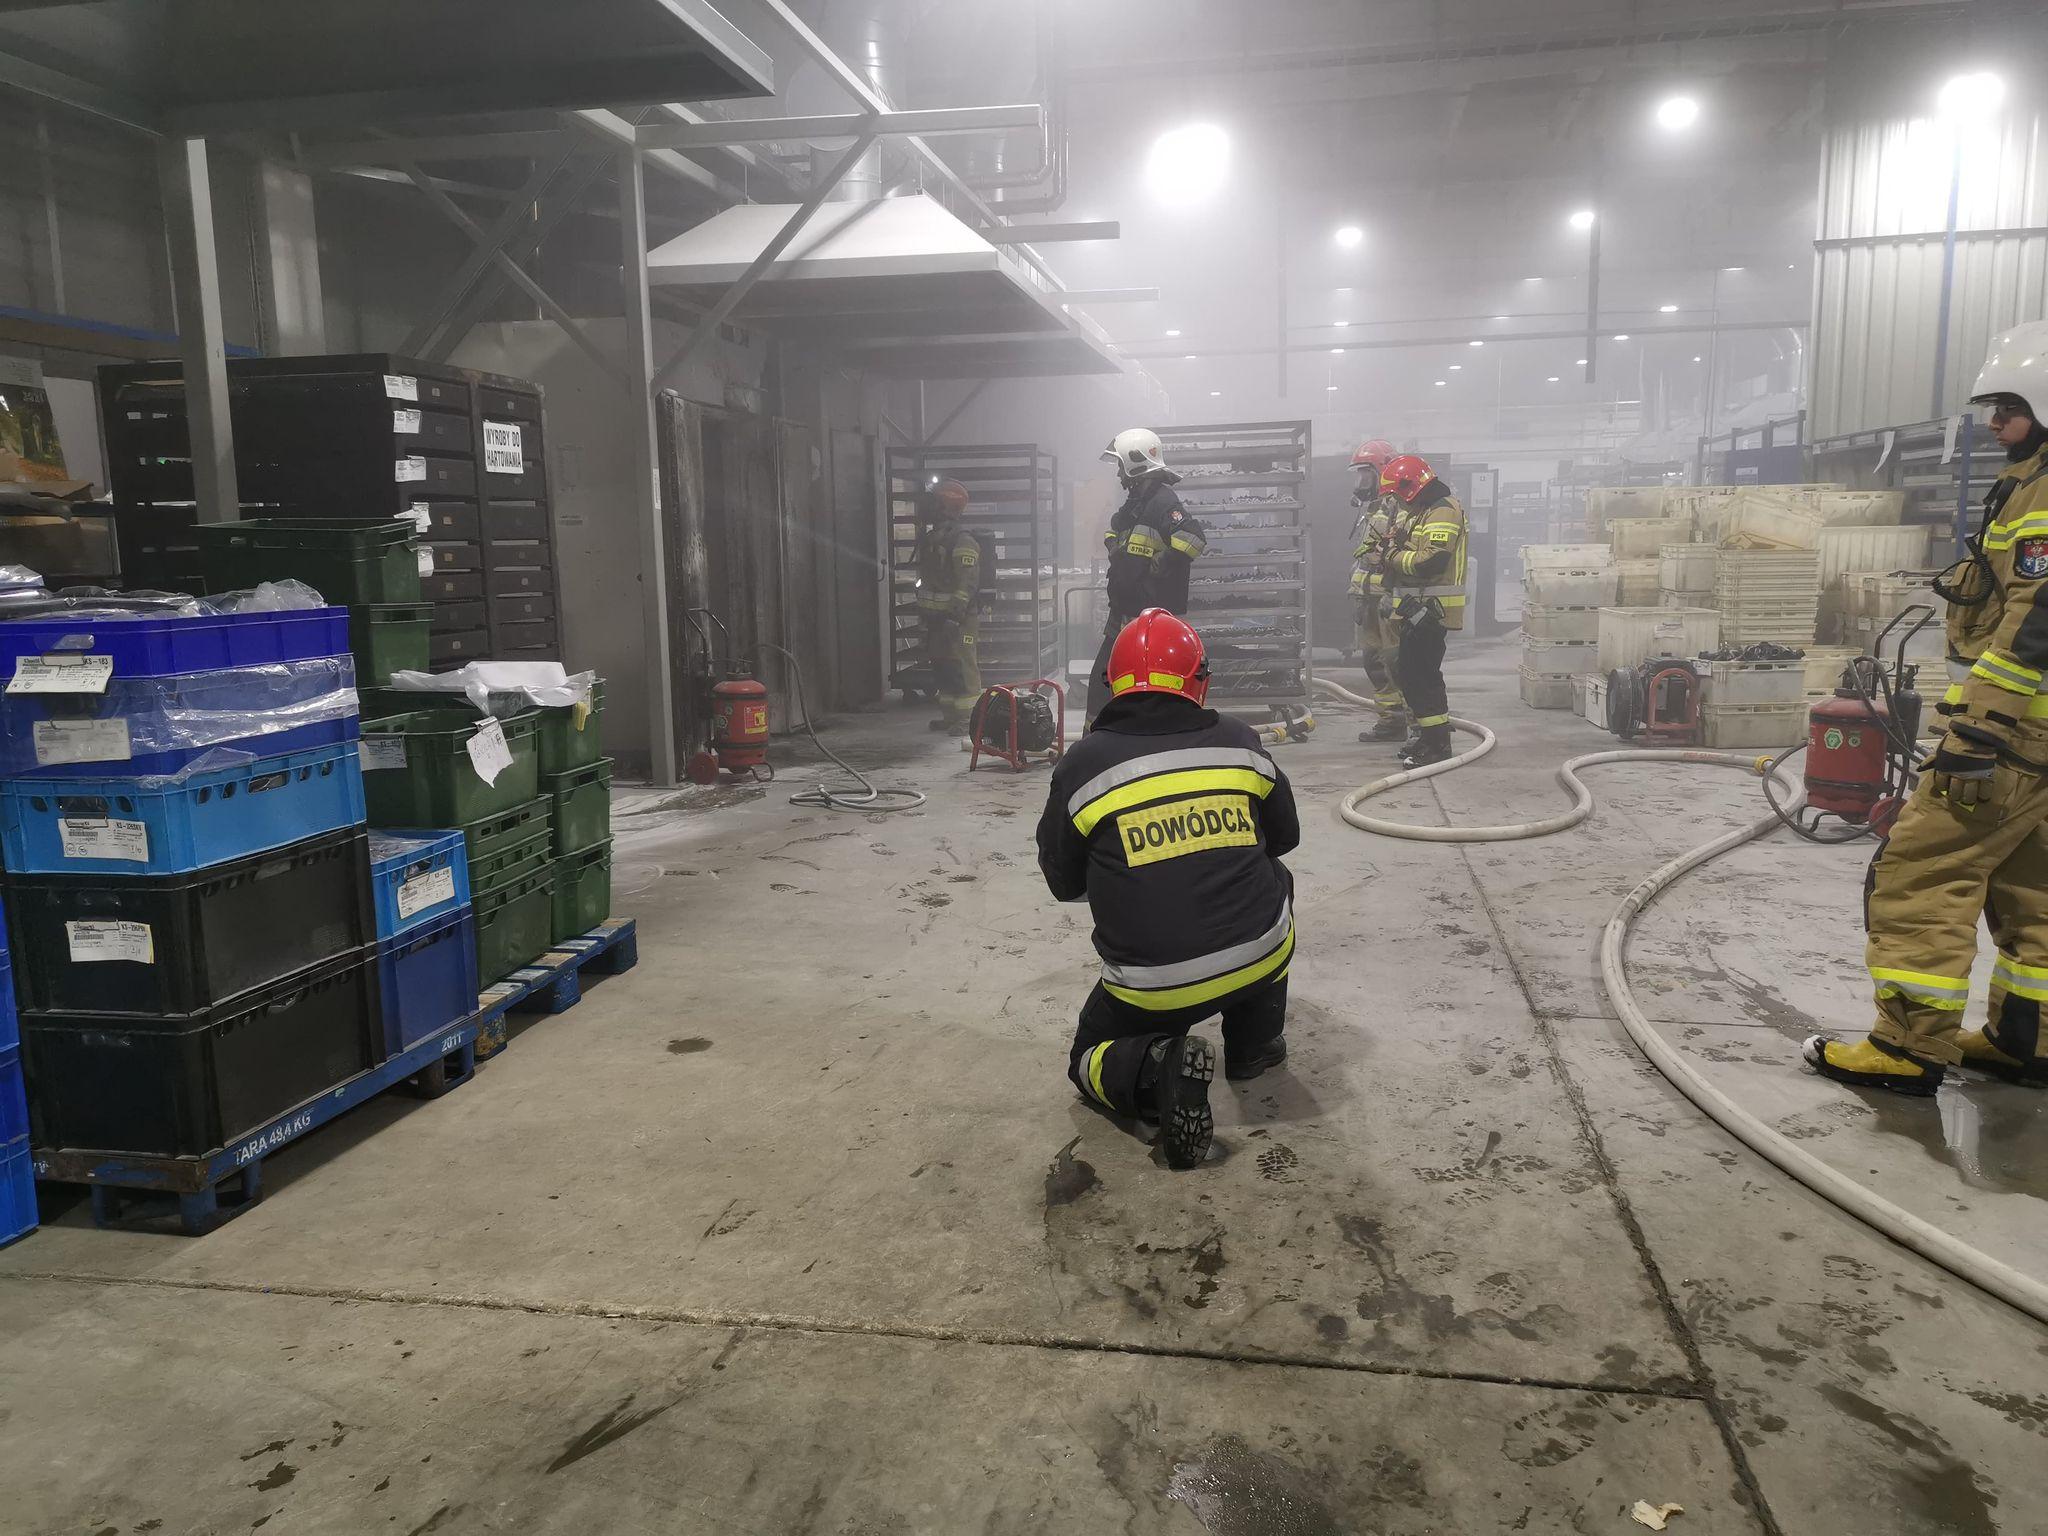 TERAZ! Pożar na jednej z hal dużego zakładu produkcyjnego w Sanoku [ZDJĘCIA] - Zdjęcie główne